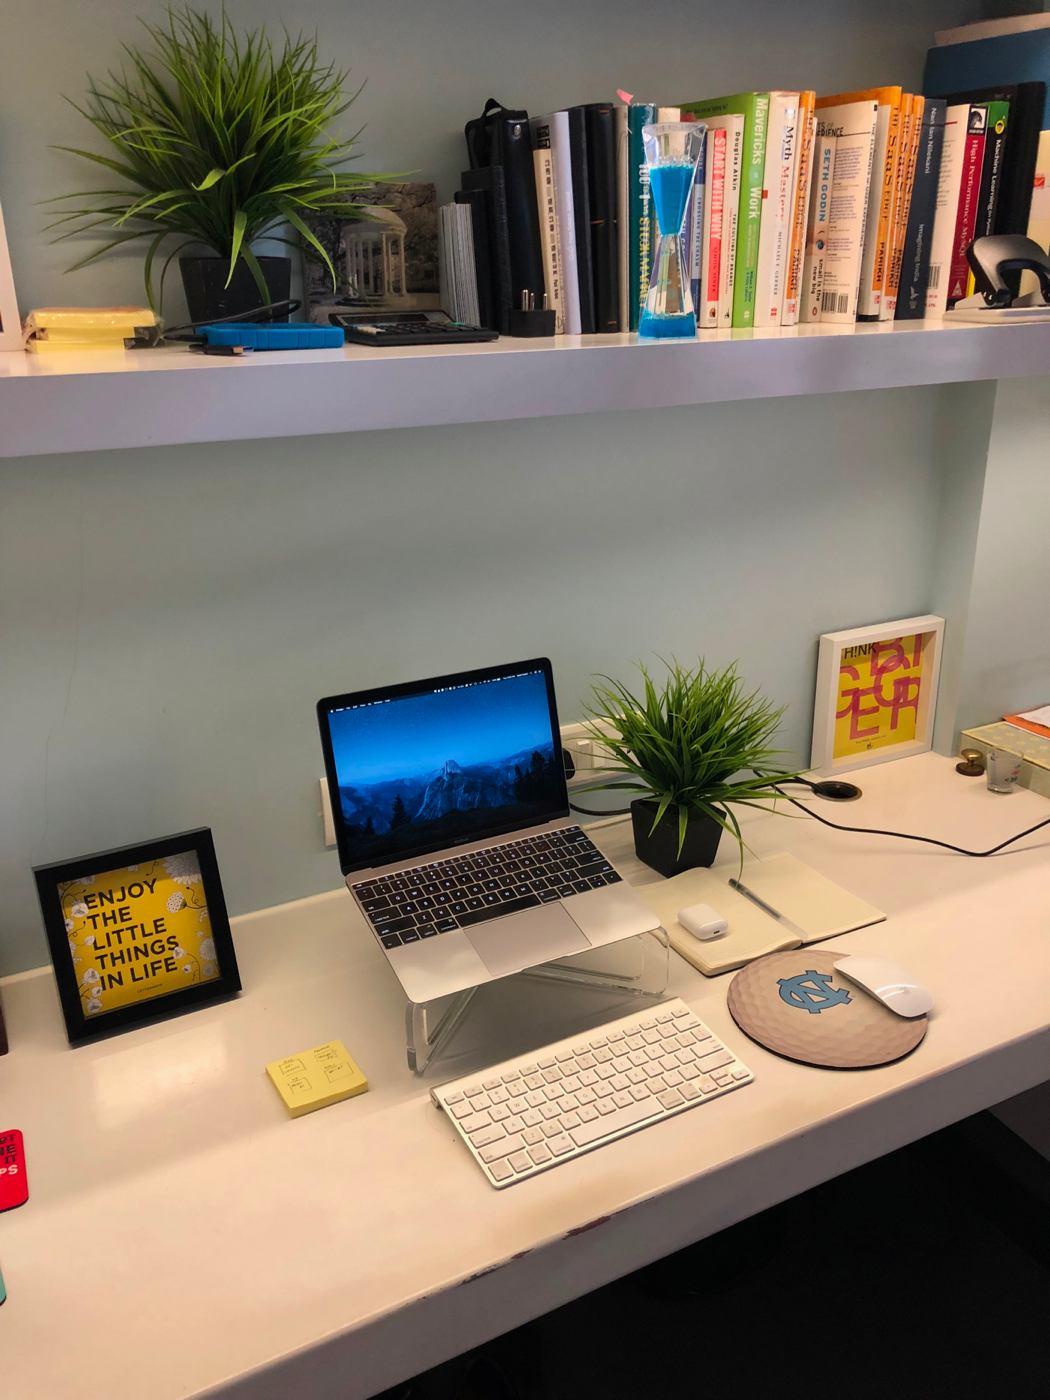 Sahil Parikh's Mac, iPhone, and Watch setup